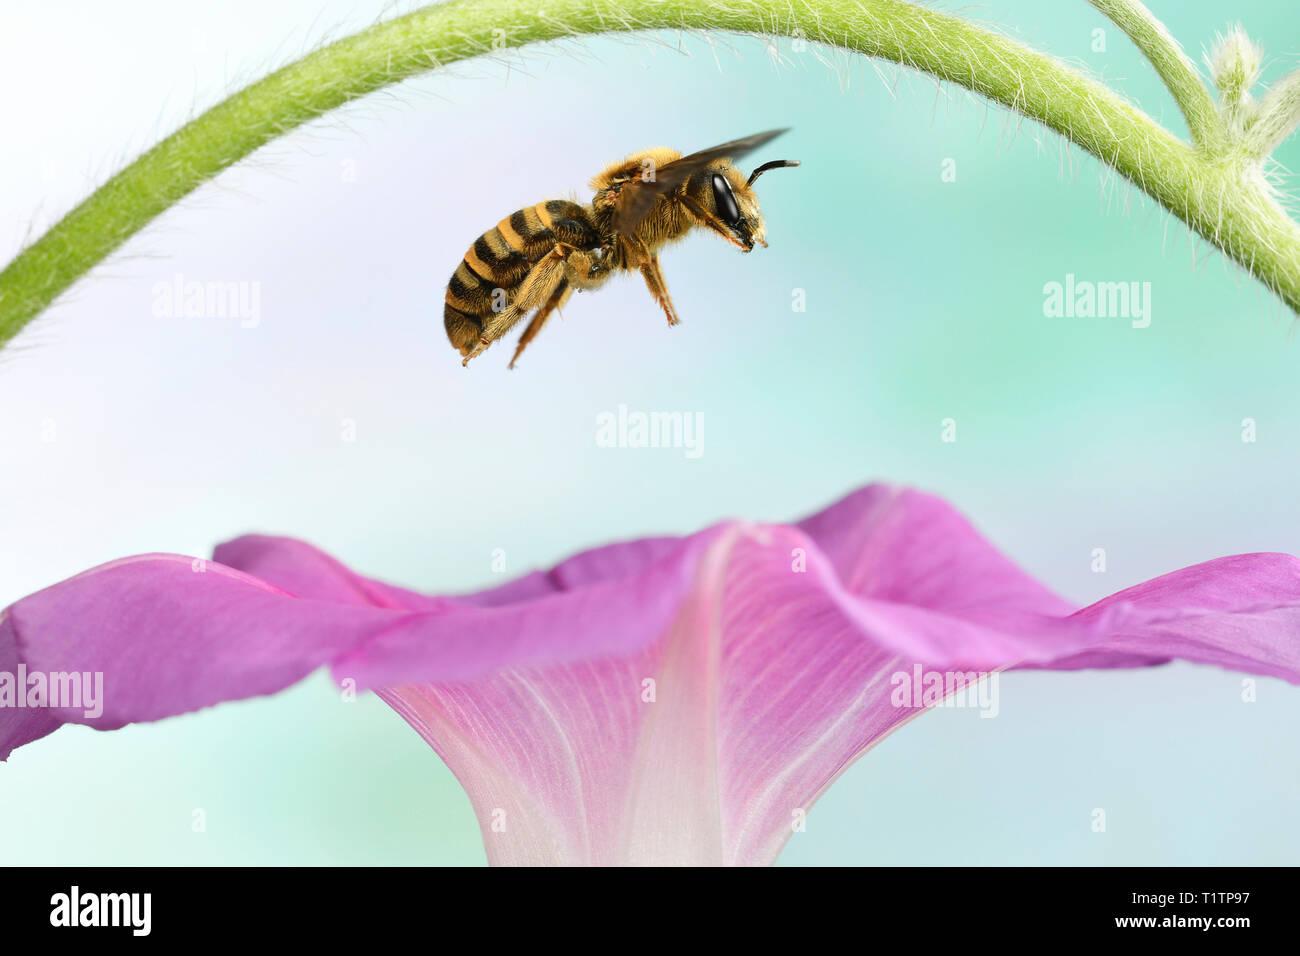 Gelbbindige Furchenbiene (Halictus scabiosae), weiblich, im Flug, an einer Prunkwinde (Ipomoea), Deutschland - Stock Image